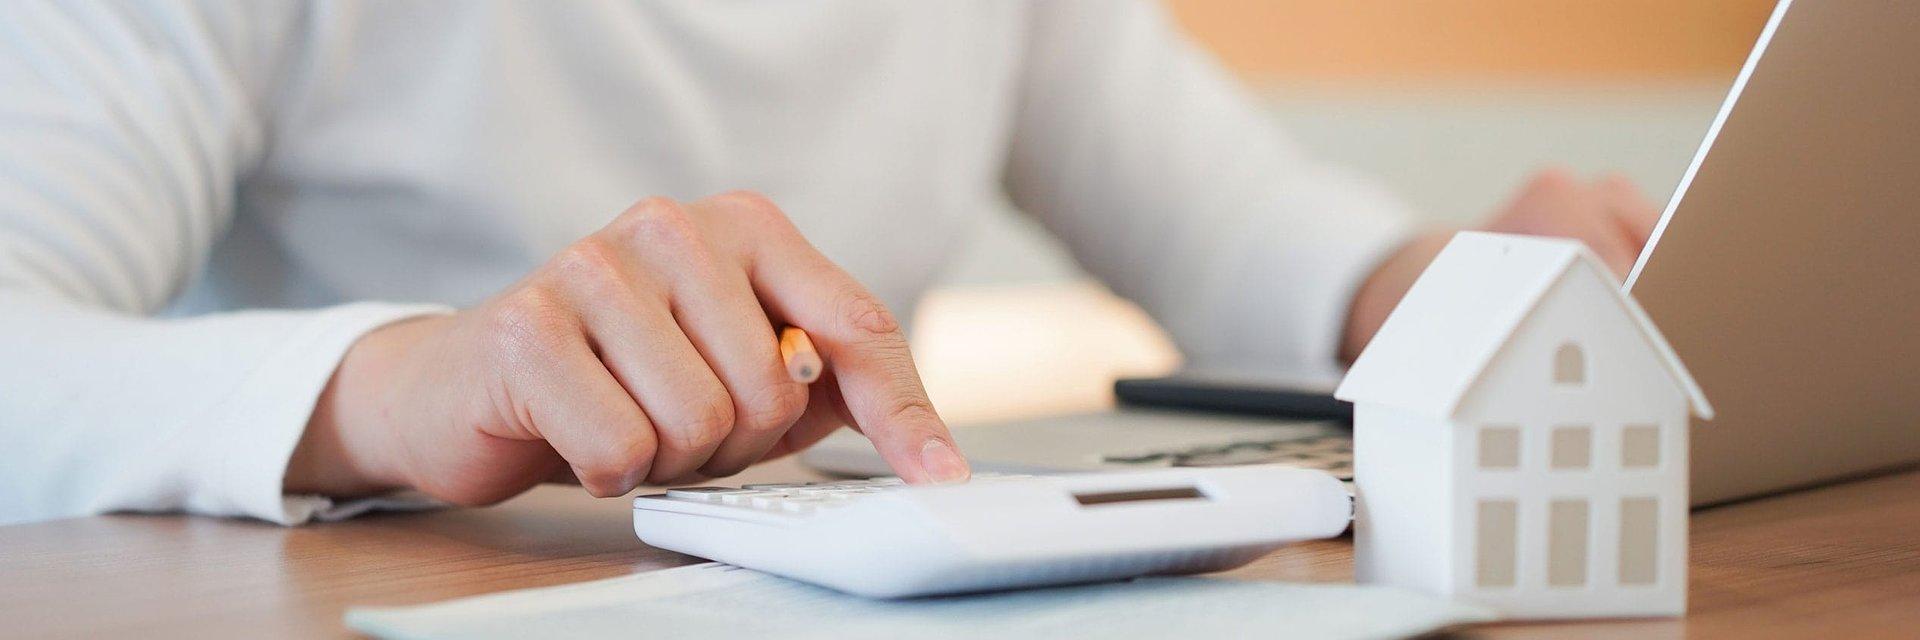 Kredyt w trudnych czasach - kompendium wiedzy o kredytach i pożyczkach 2020